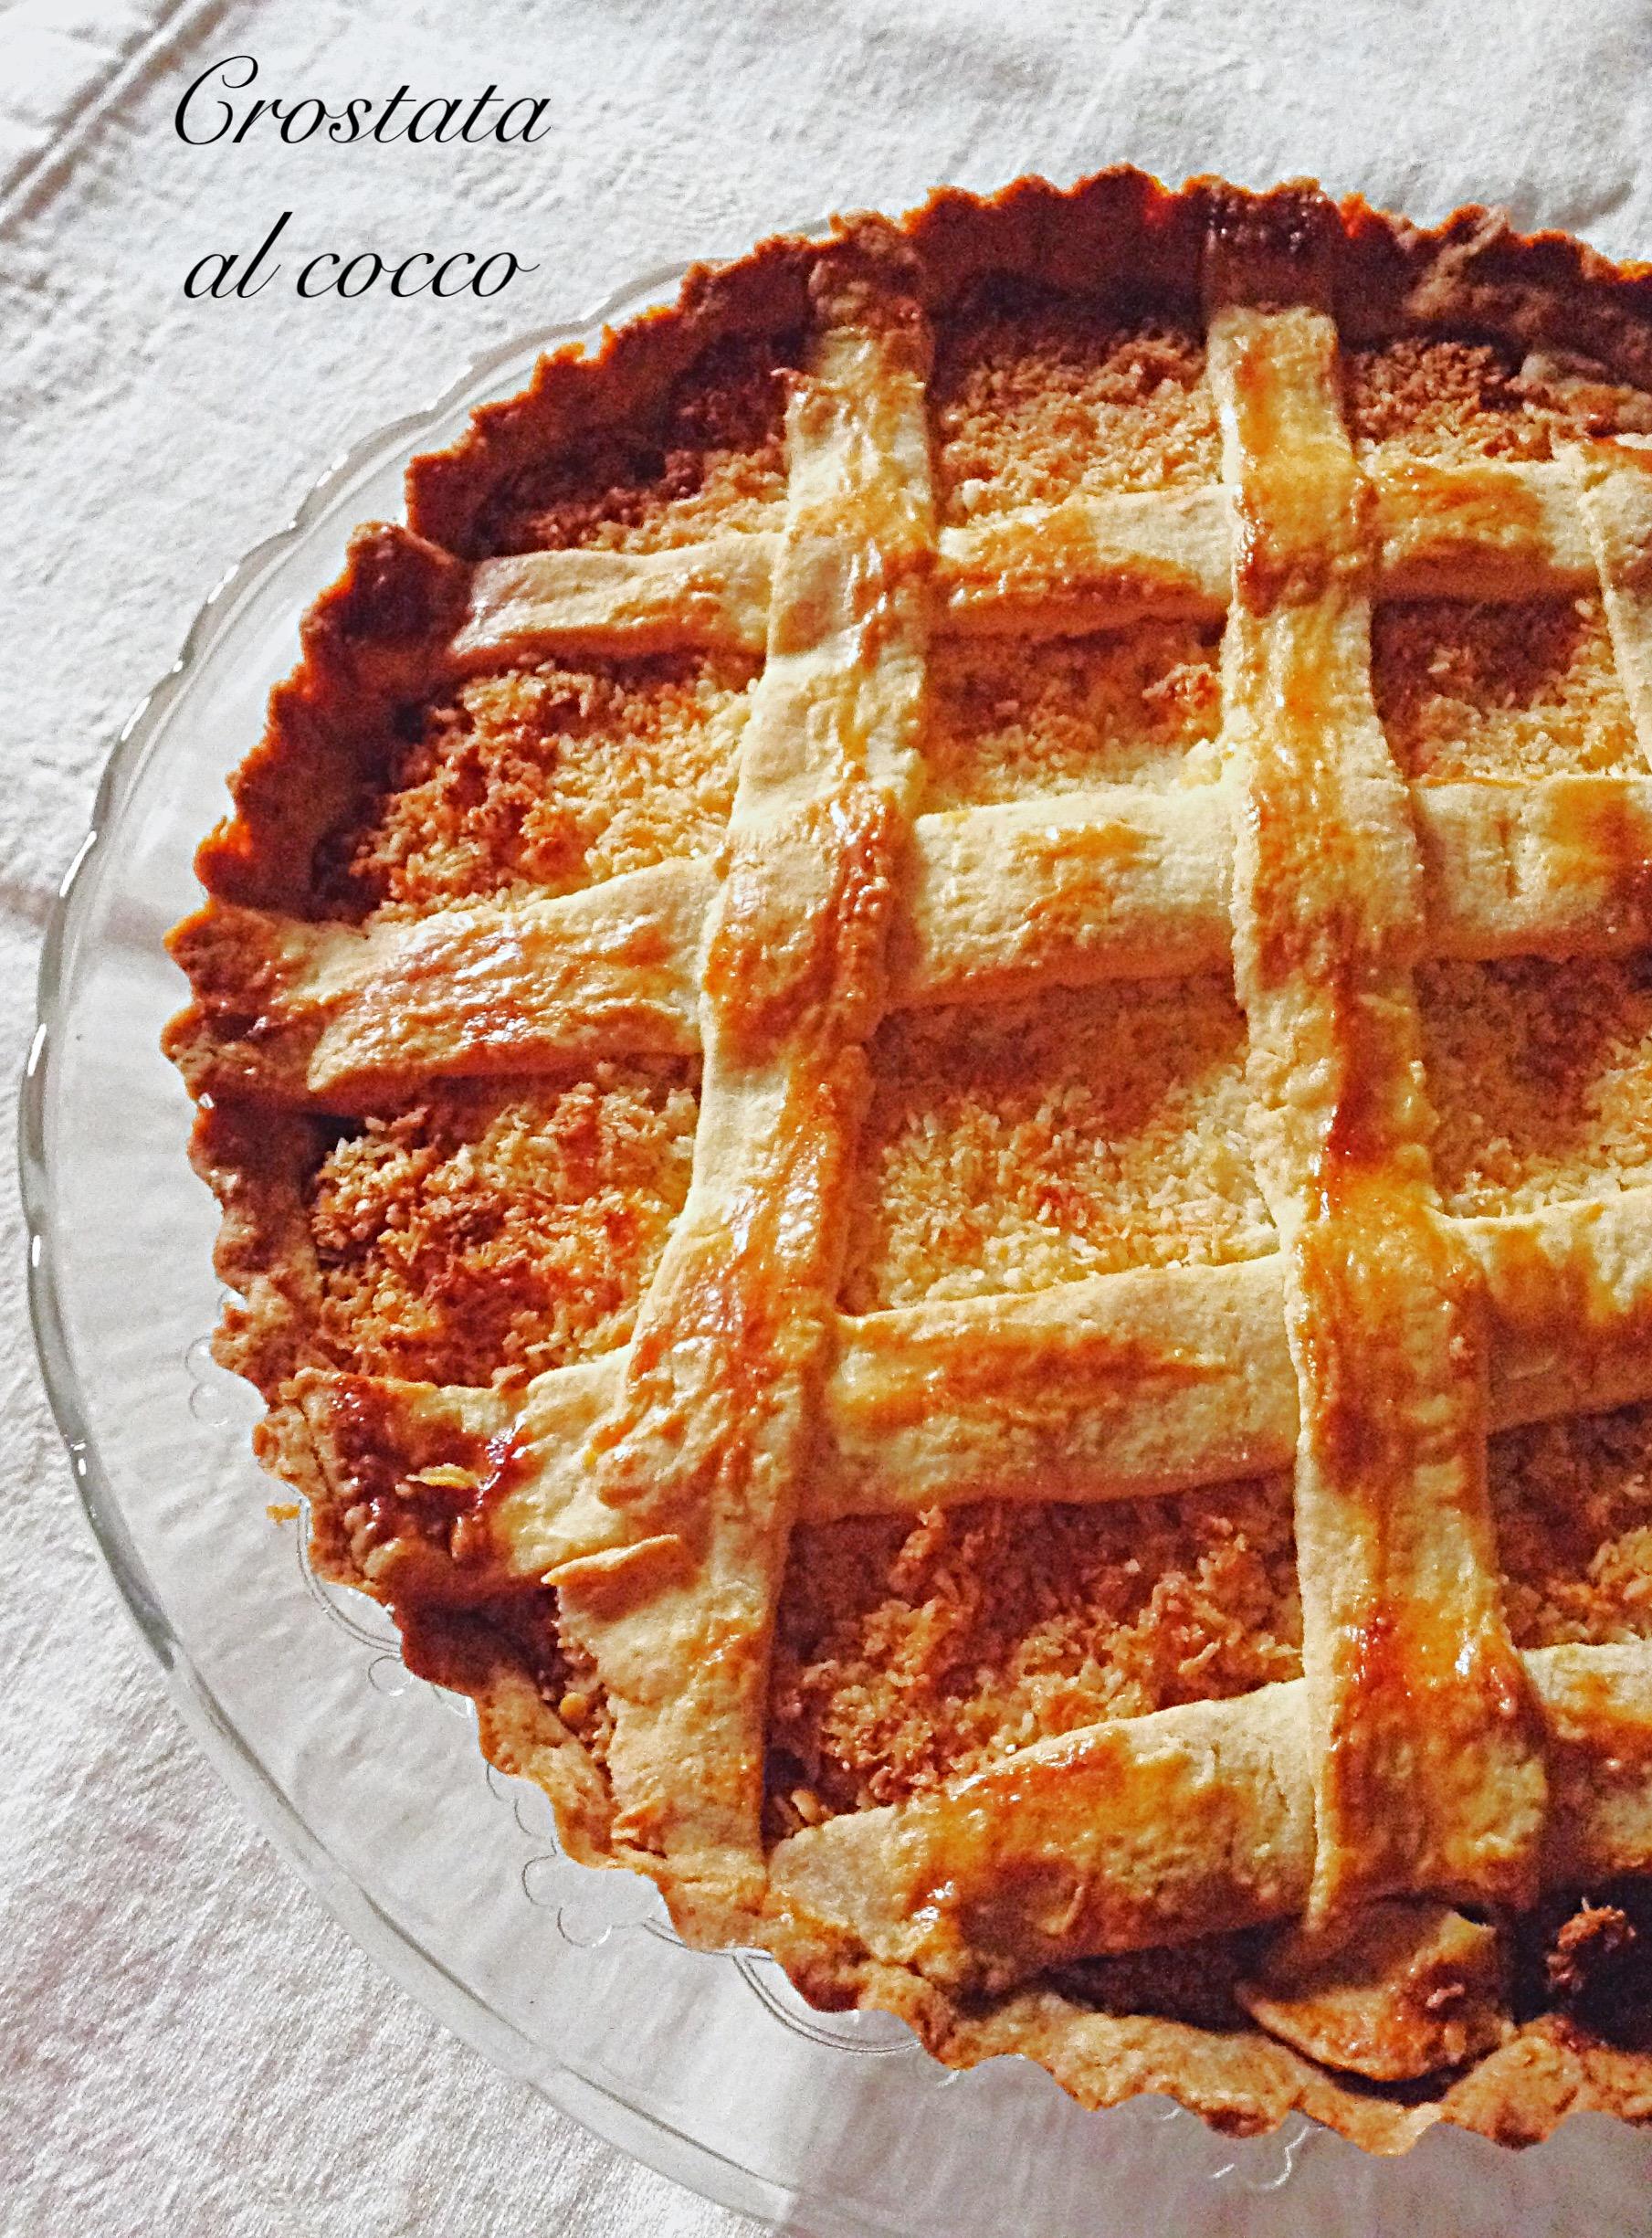 crostata-al-cocco-3